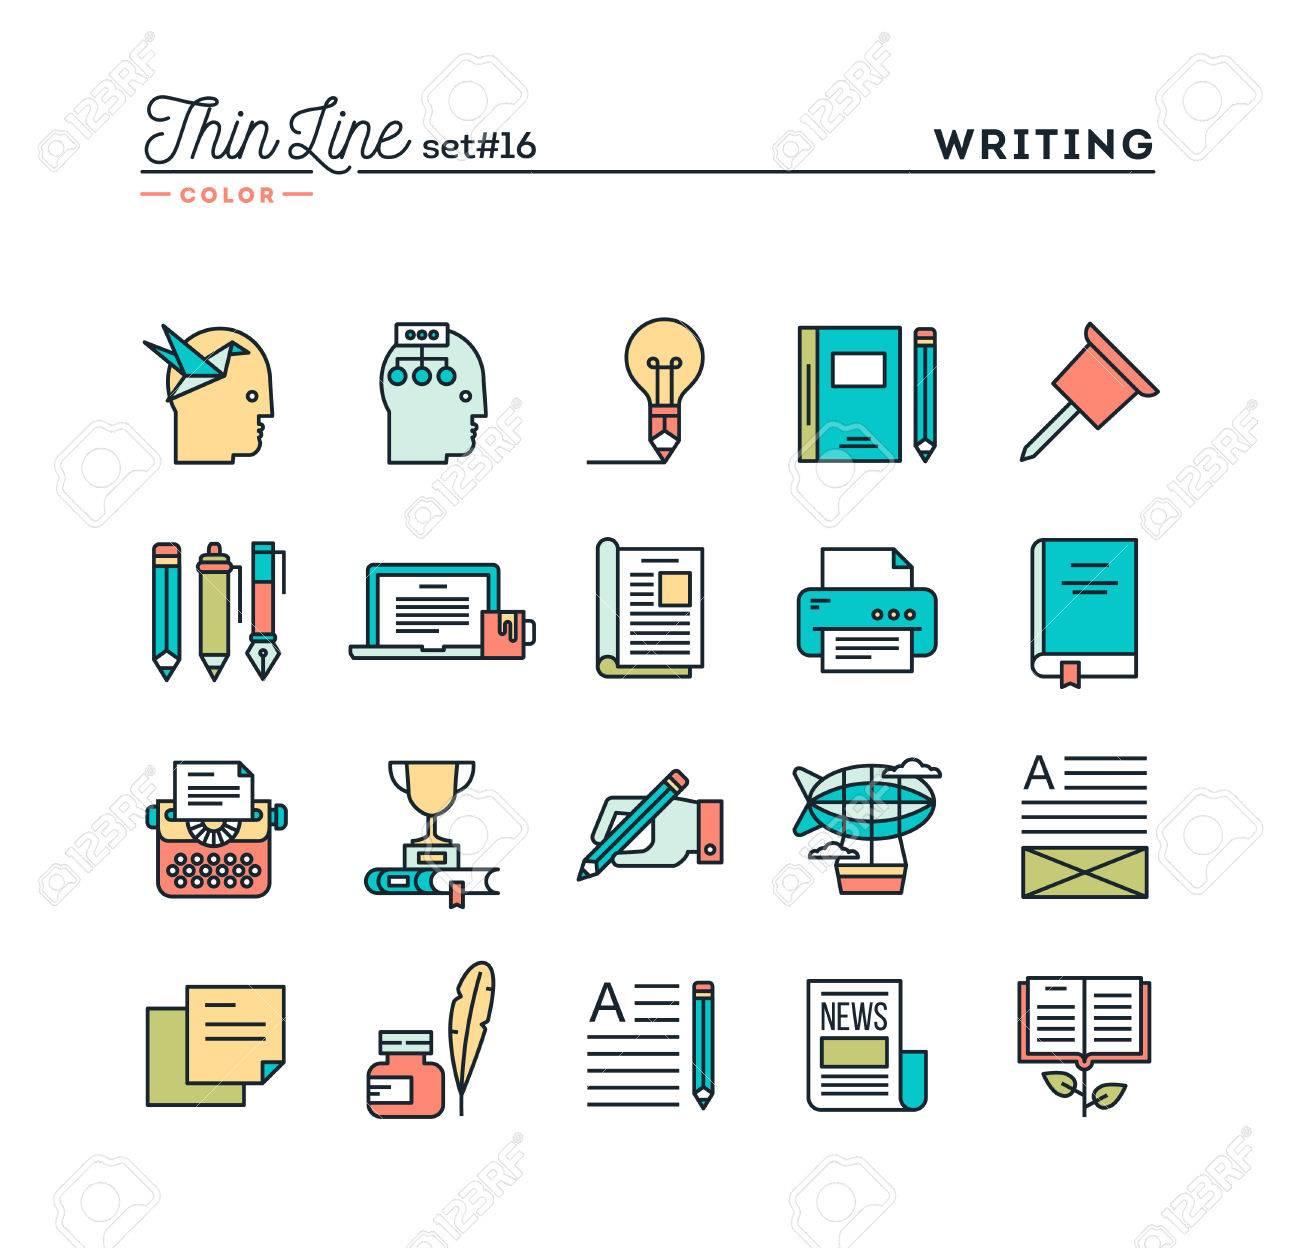 La Escritura, Los Blogs, Mejor Libro Vendedor, Contar Historias Y ...